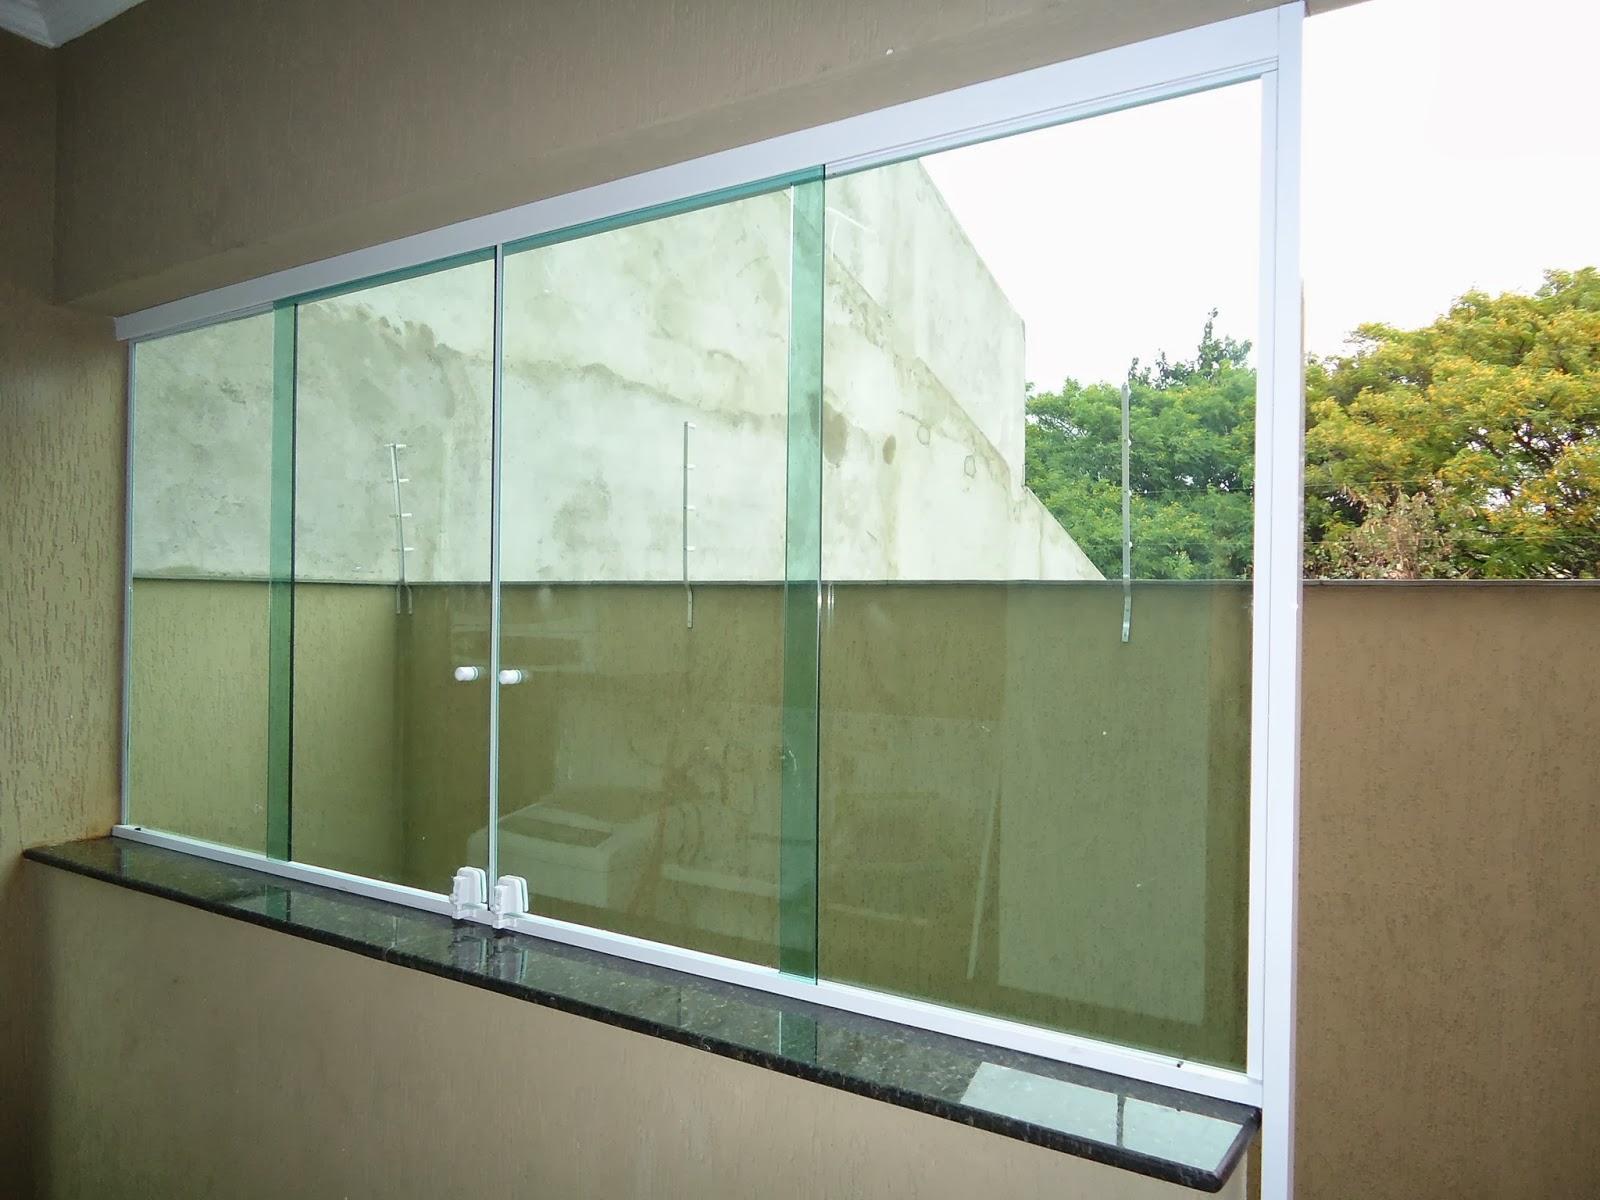 #818447 IC Vidros Design: Janelas e fechamento de Área e Varanda 1574 Vidros Em Bh Janelas